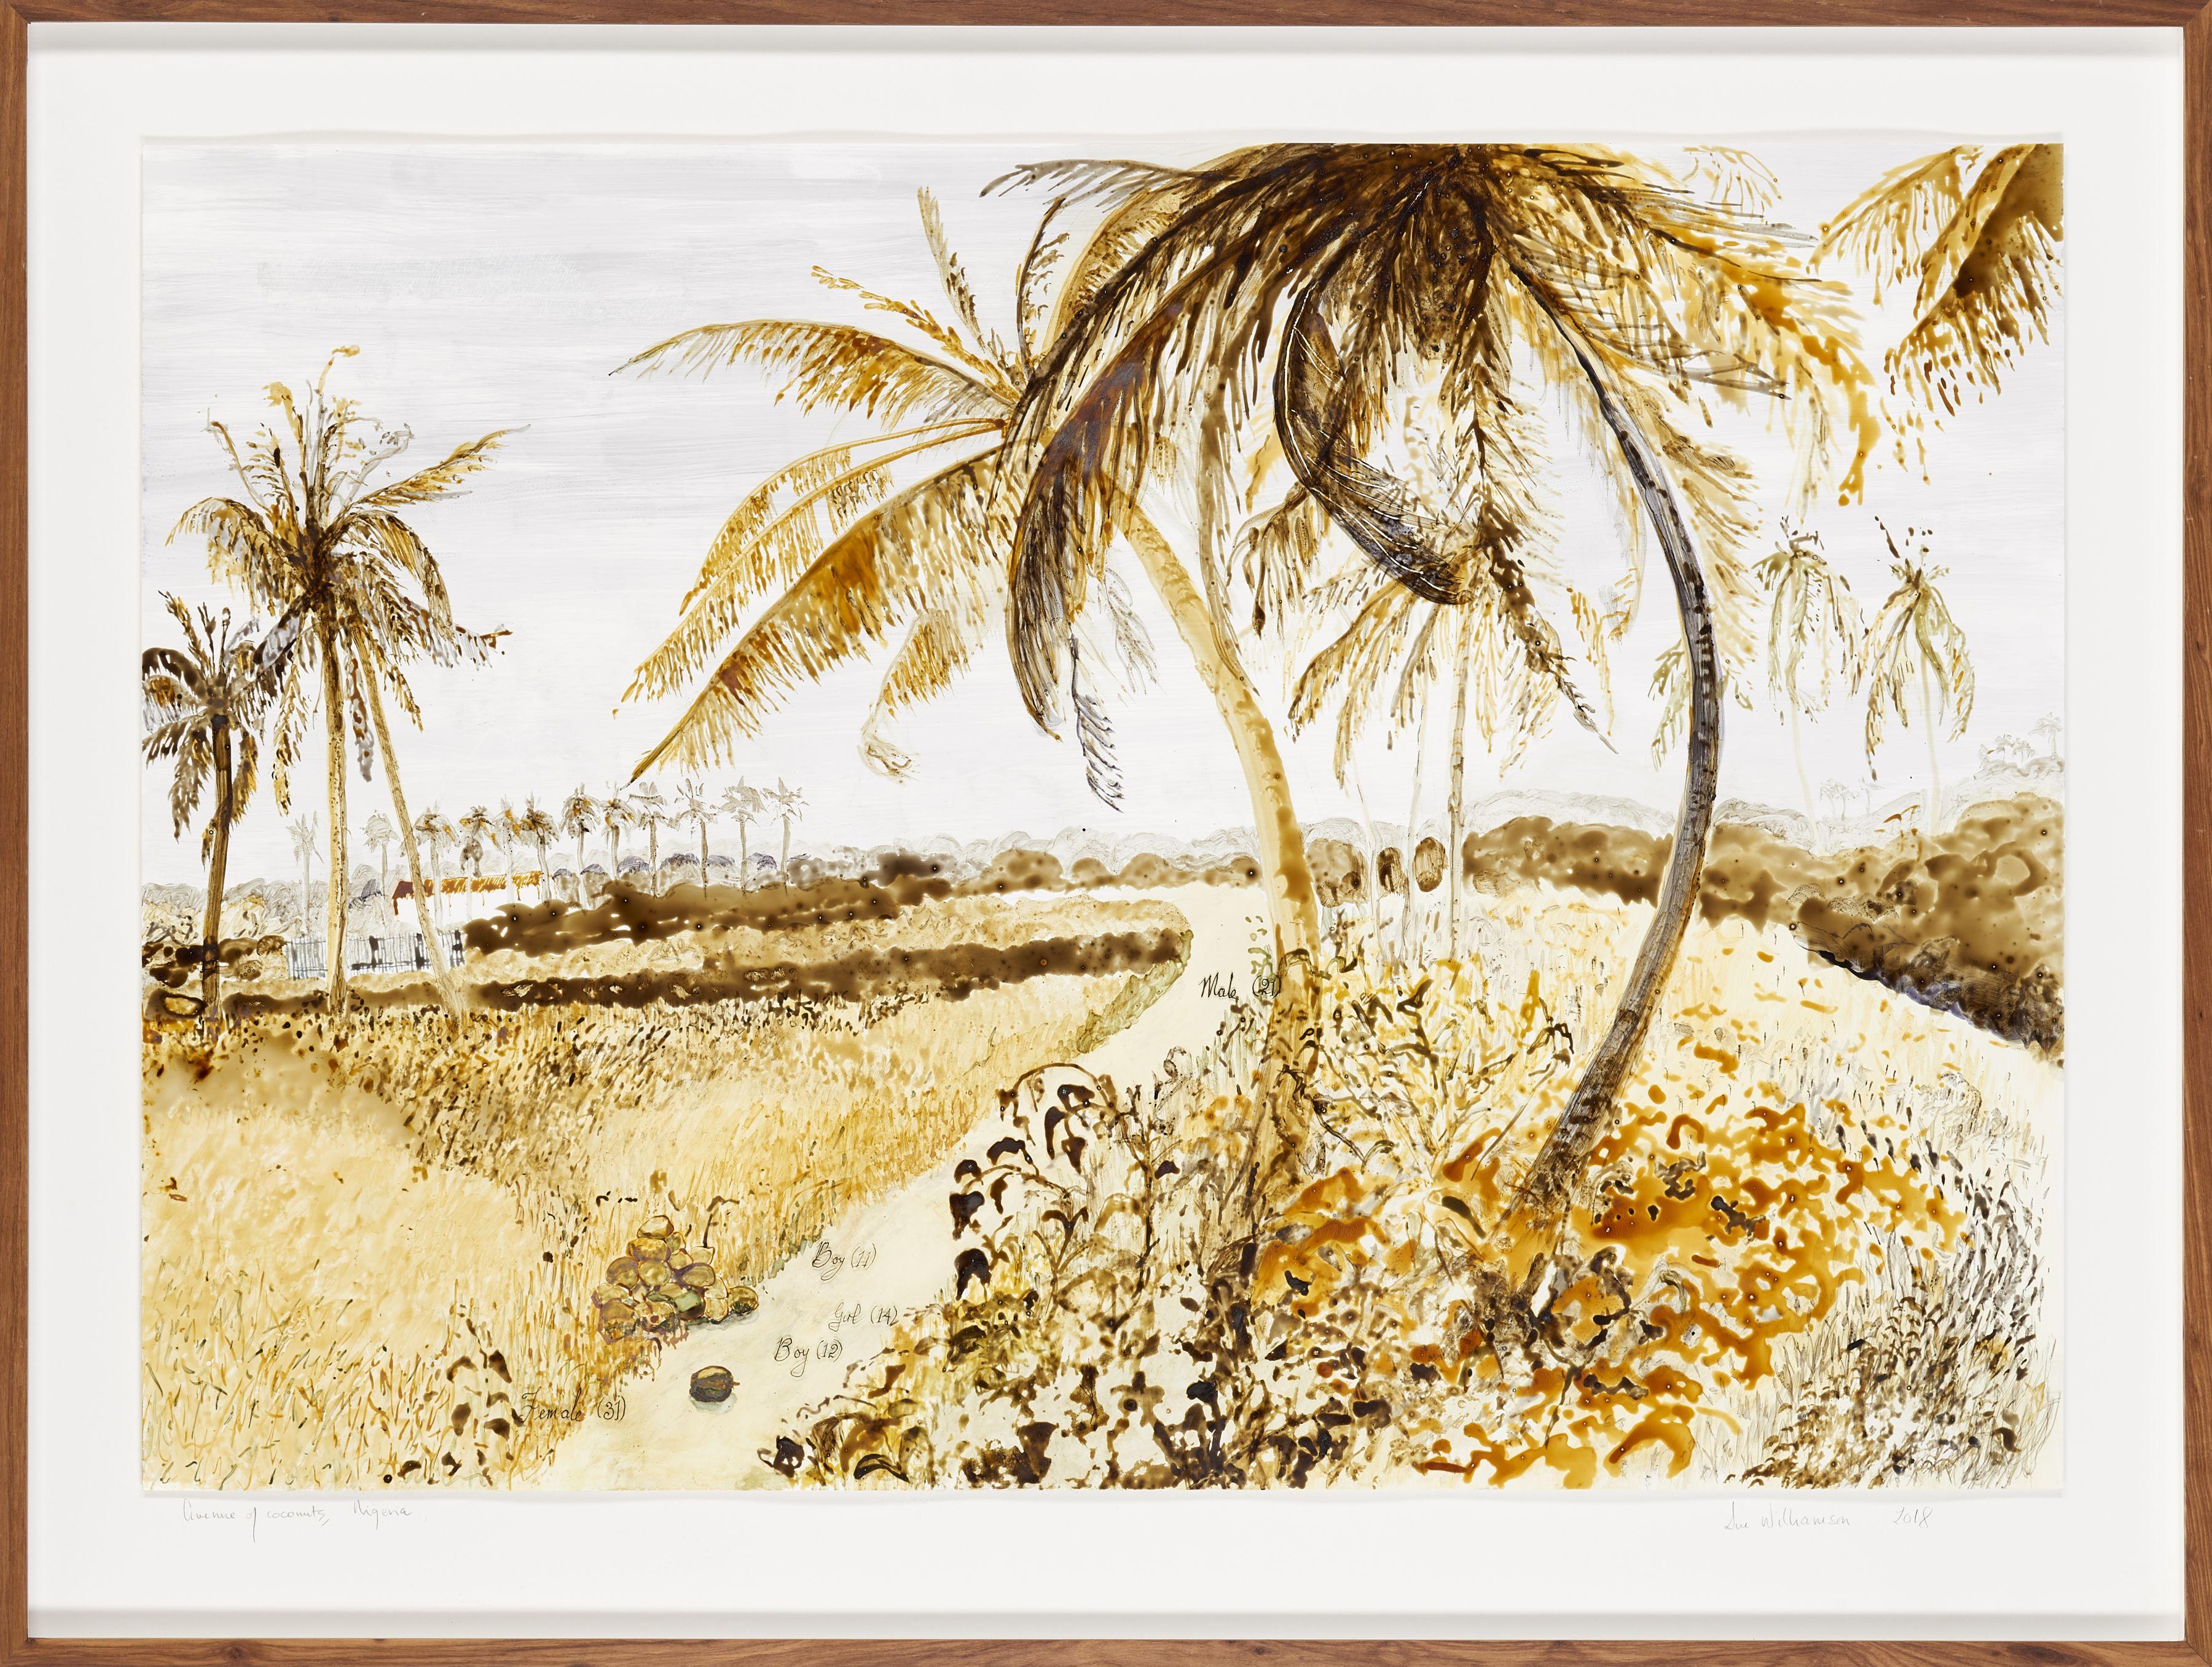 Avenue of coconuts, Nigeria artwork